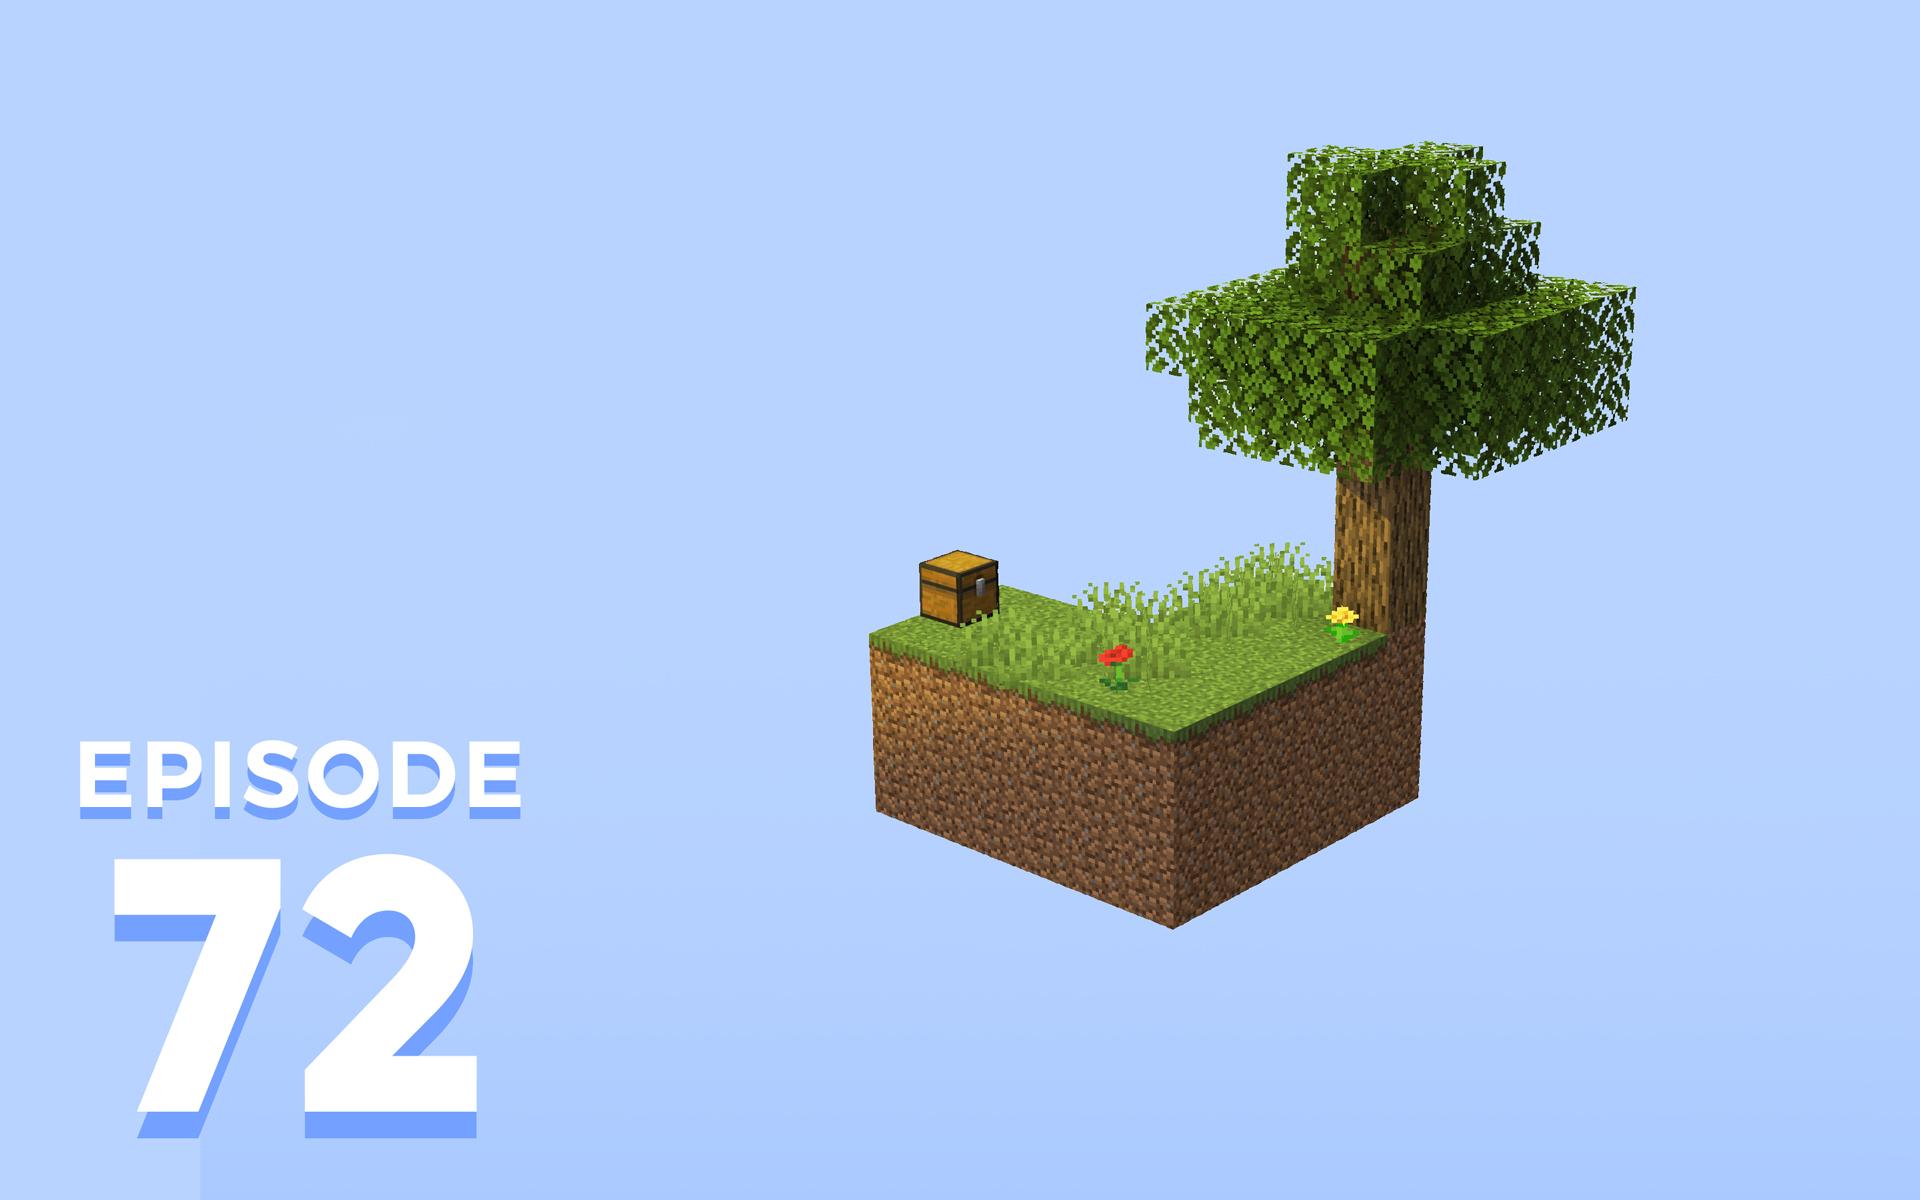 The Spawn Chunks 072: A Skyblock Leap Toward Modded Minecraft